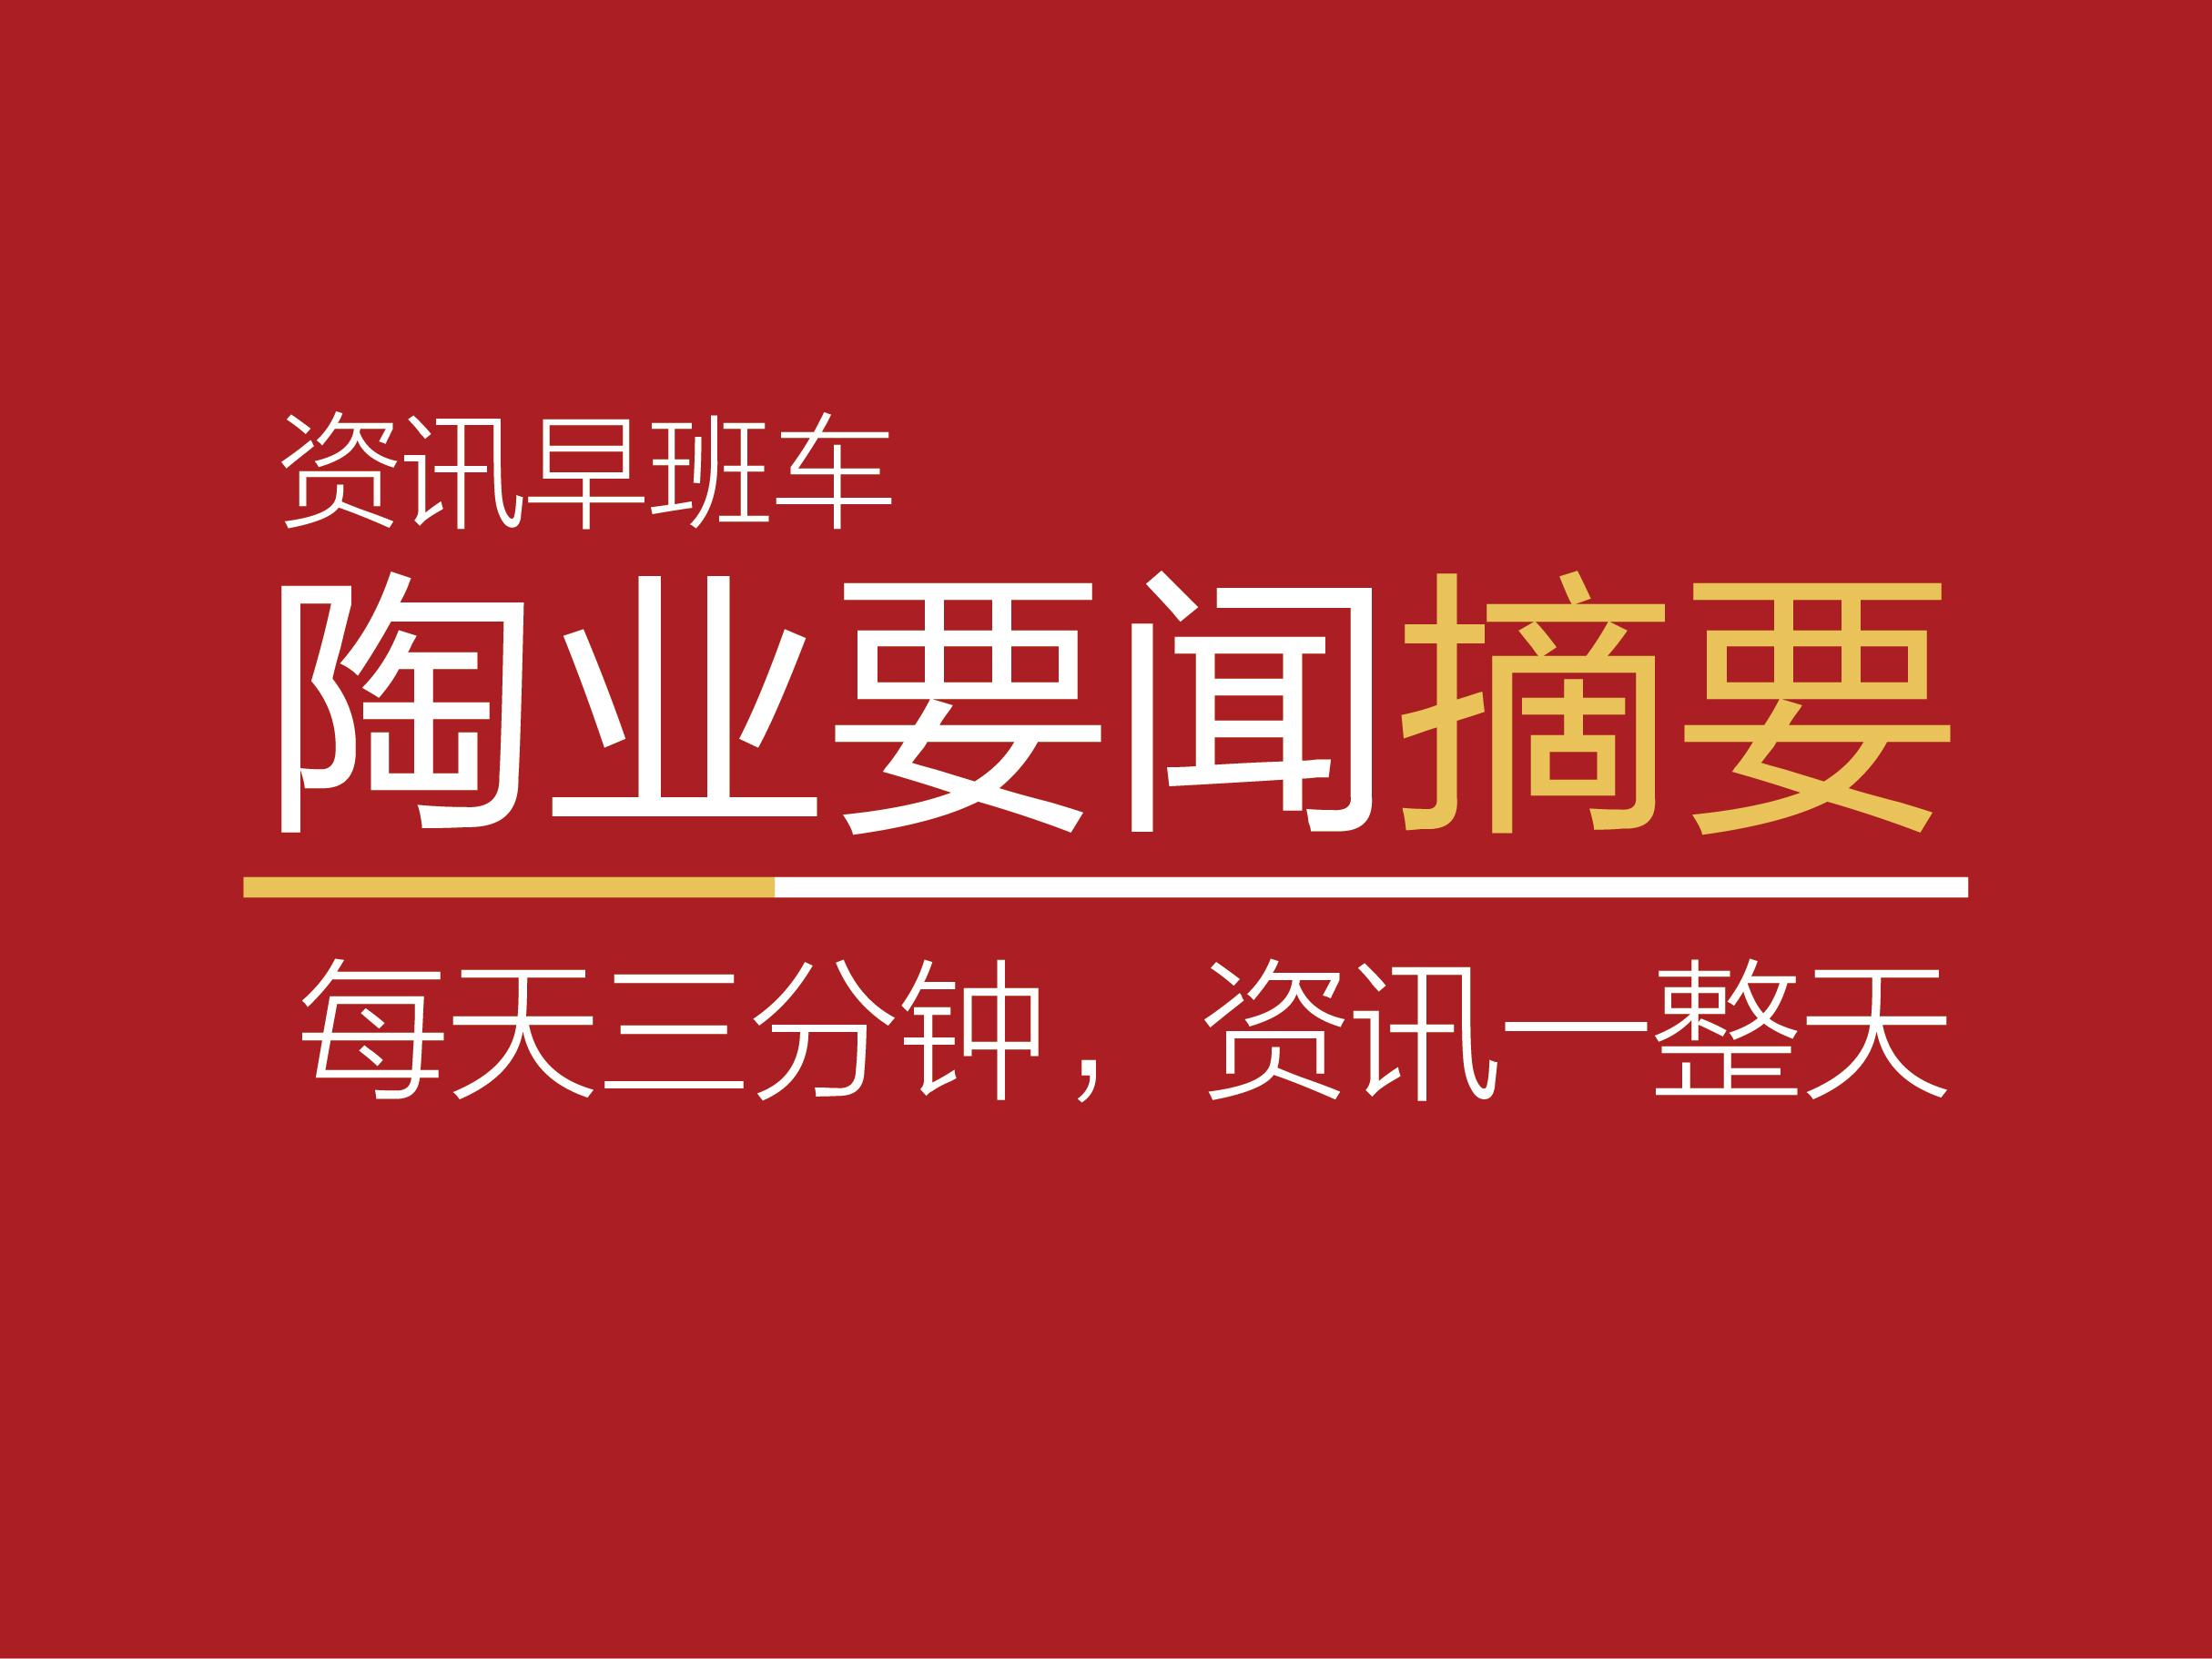 【陶业要闻摘要】2017年10月31日(第125期)